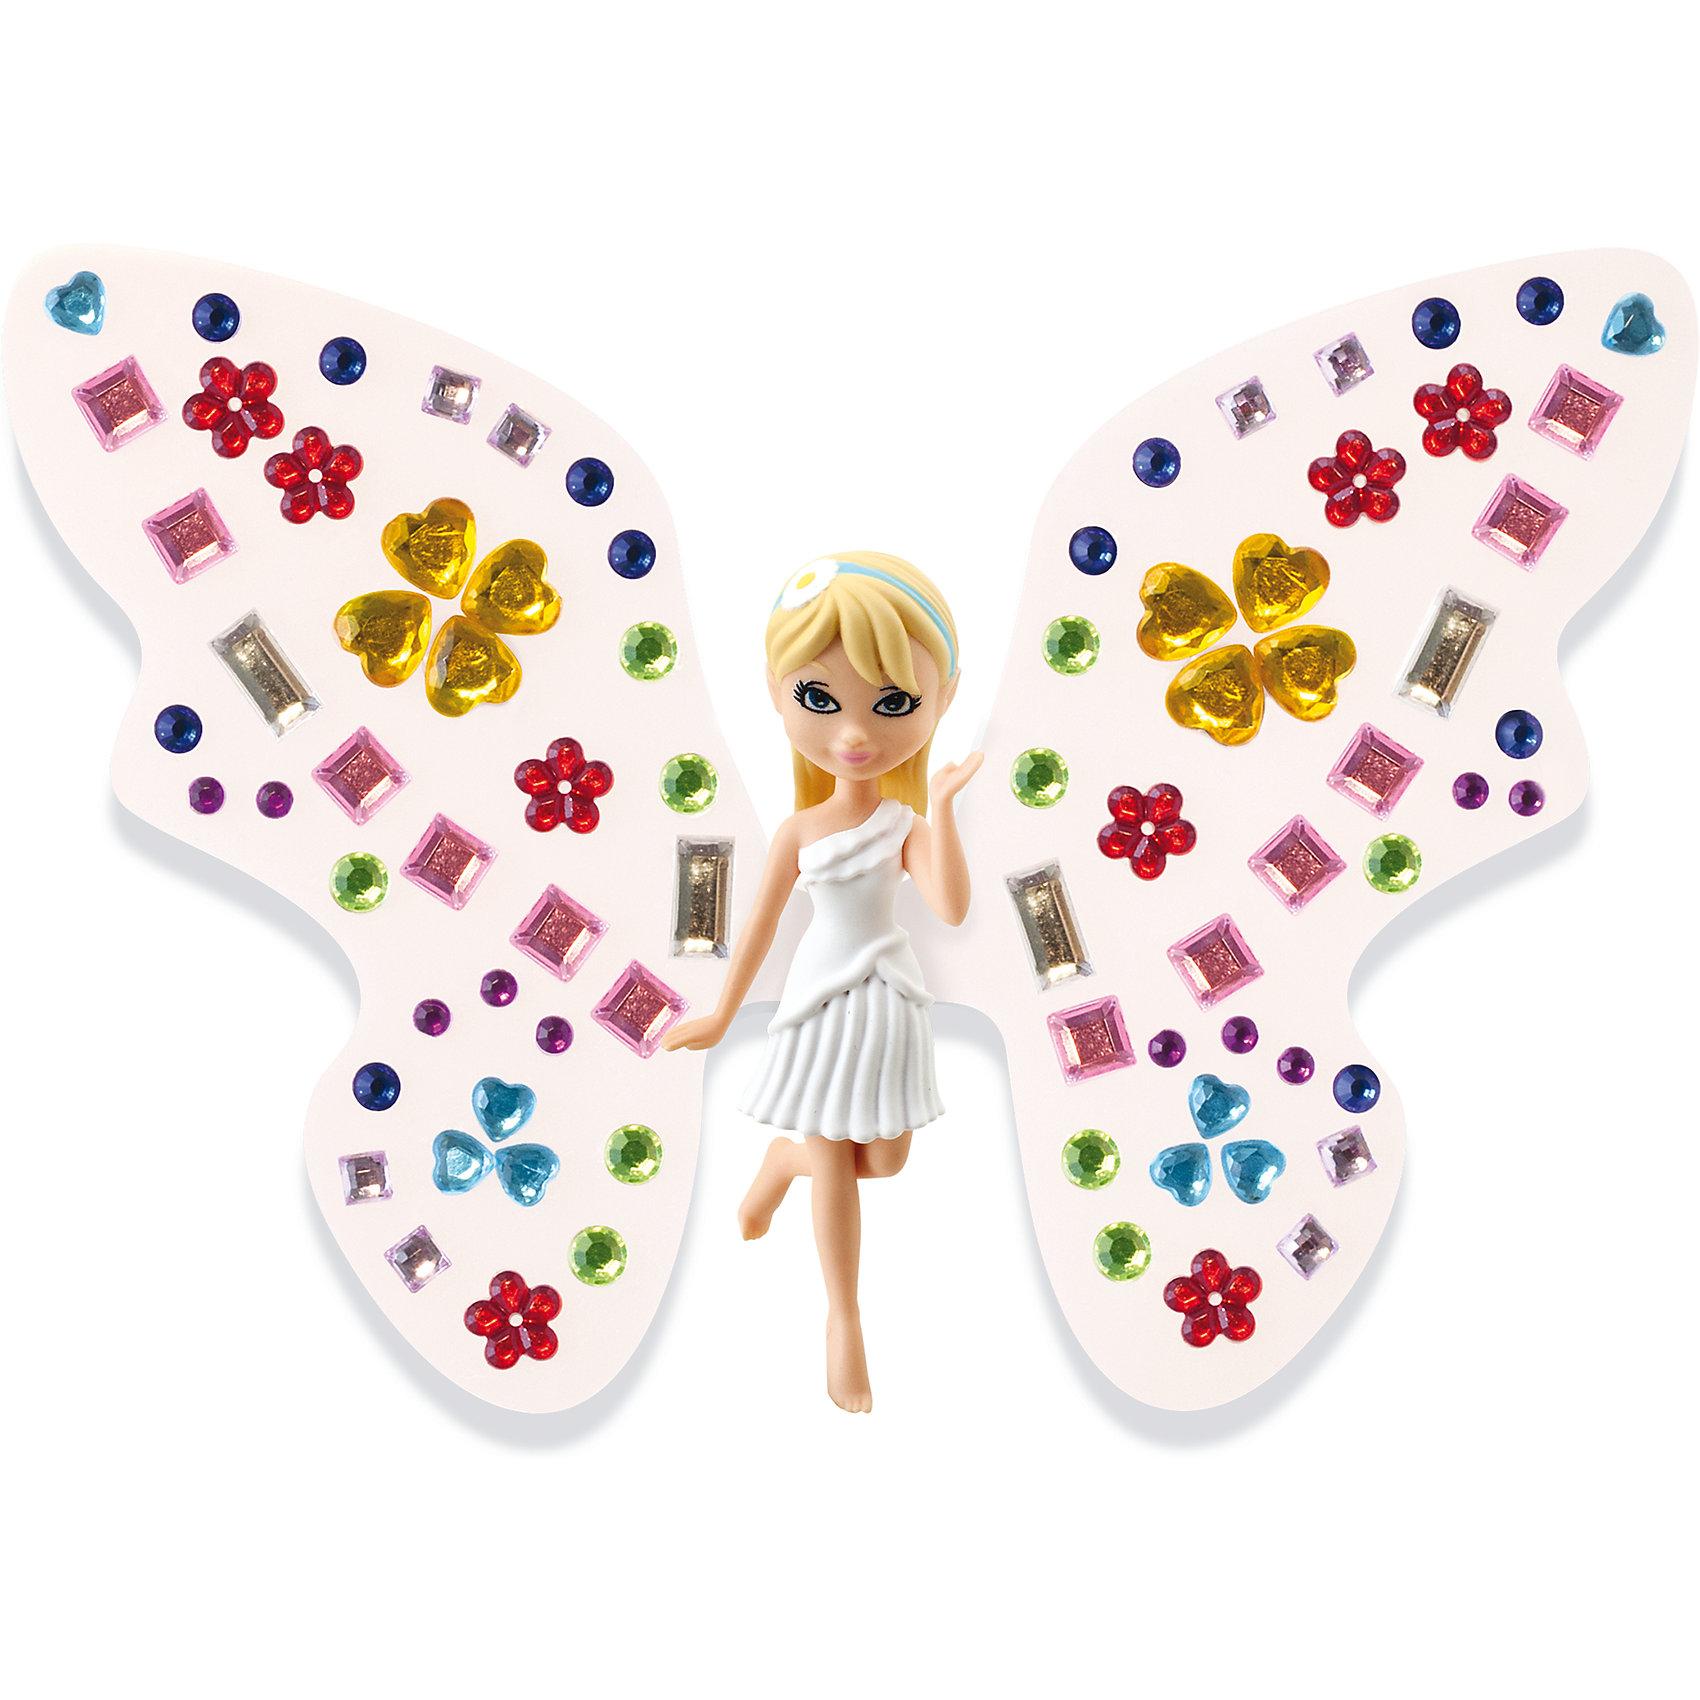 Игровой набор Фея Дейзи, Shimmer WingМини-куклы<br>Собирай фей и питомцев, декорируй им крылья различными способами, и любуйся!<br>В набор входит -фея, питомец, подставка для феи, крылья для феи и для питомца, аксессуары для декорирования крыльев.<br><br>Ширина мм: 90<br>Глубина мм: 200<br>Высота мм: 210<br>Вес г: 141<br>Возраст от месяцев: 60<br>Возраст до месяцев: 2147483647<br>Пол: Женский<br>Возраст: Детский<br>SKU: 5478830